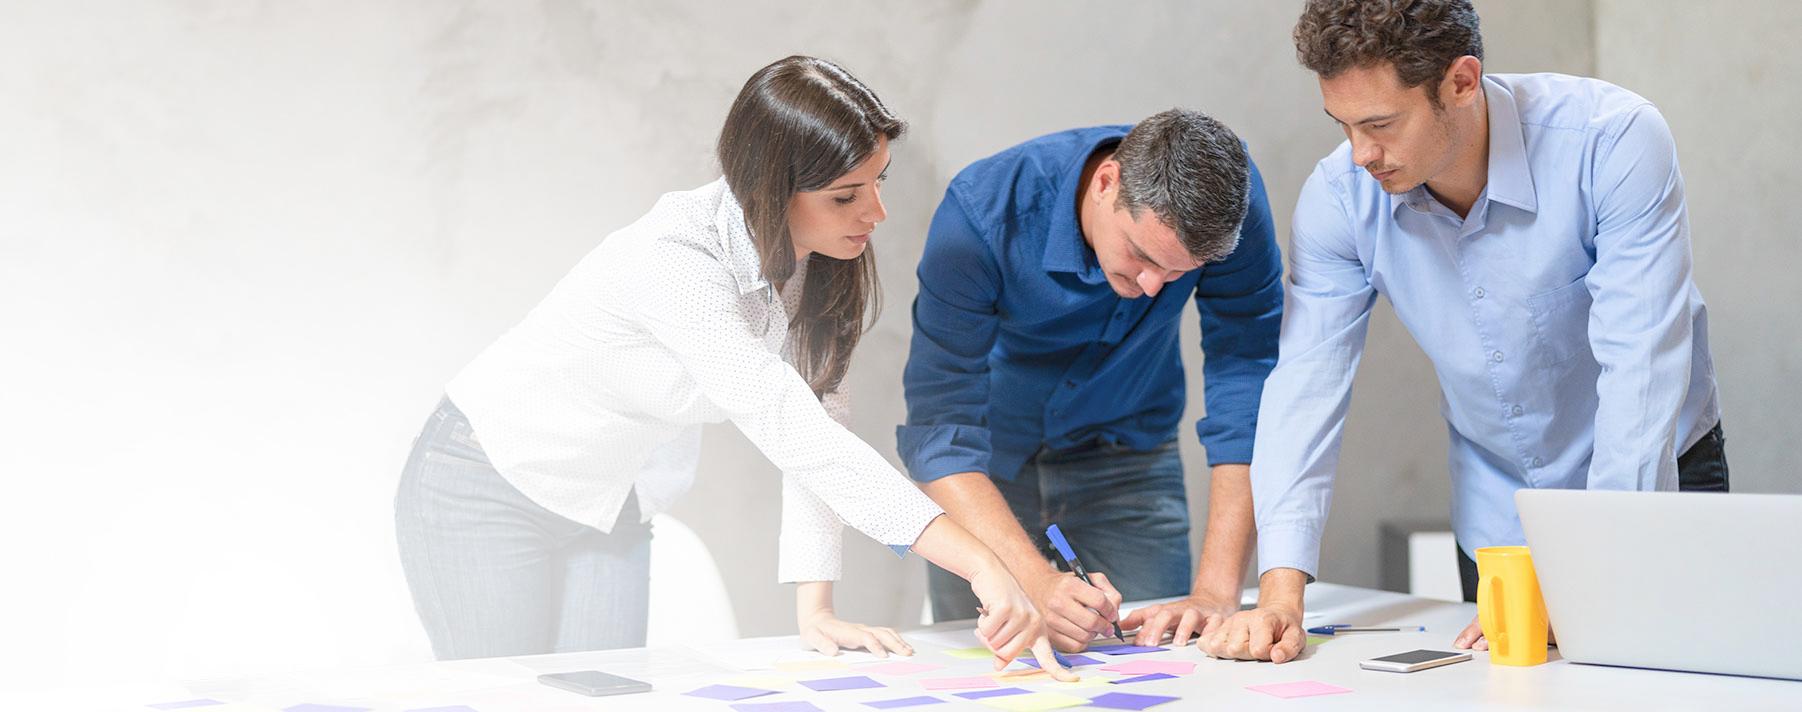 'Scrum': la metodología para agilizar la ejecución de proyectos